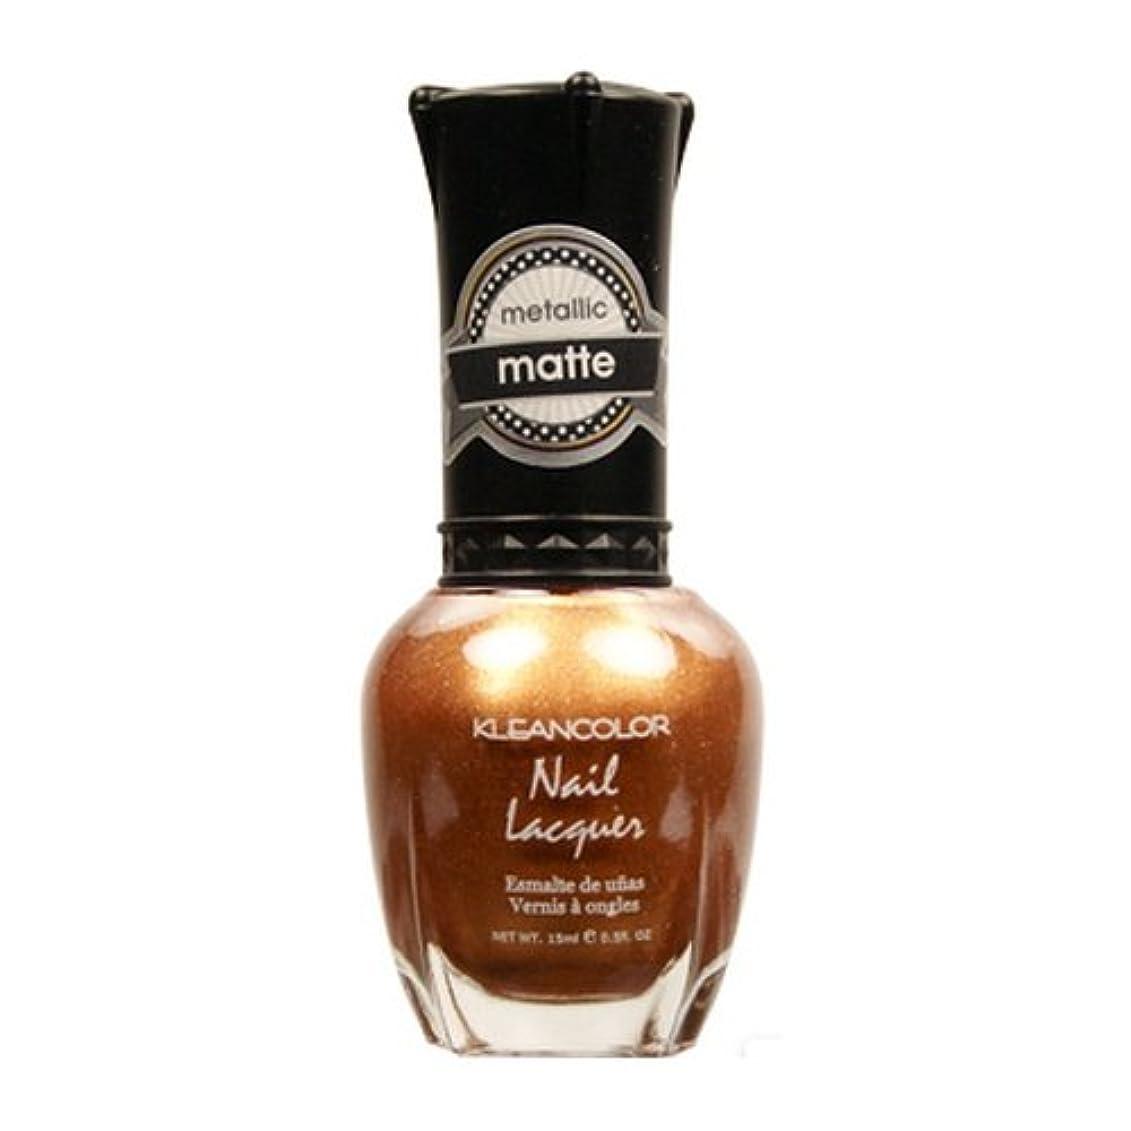 を除く扇動するリビジョン(3 Pack) KLEANCOLOR Matte Nail Lacquer - Life in Gold Castle (並行輸入品)